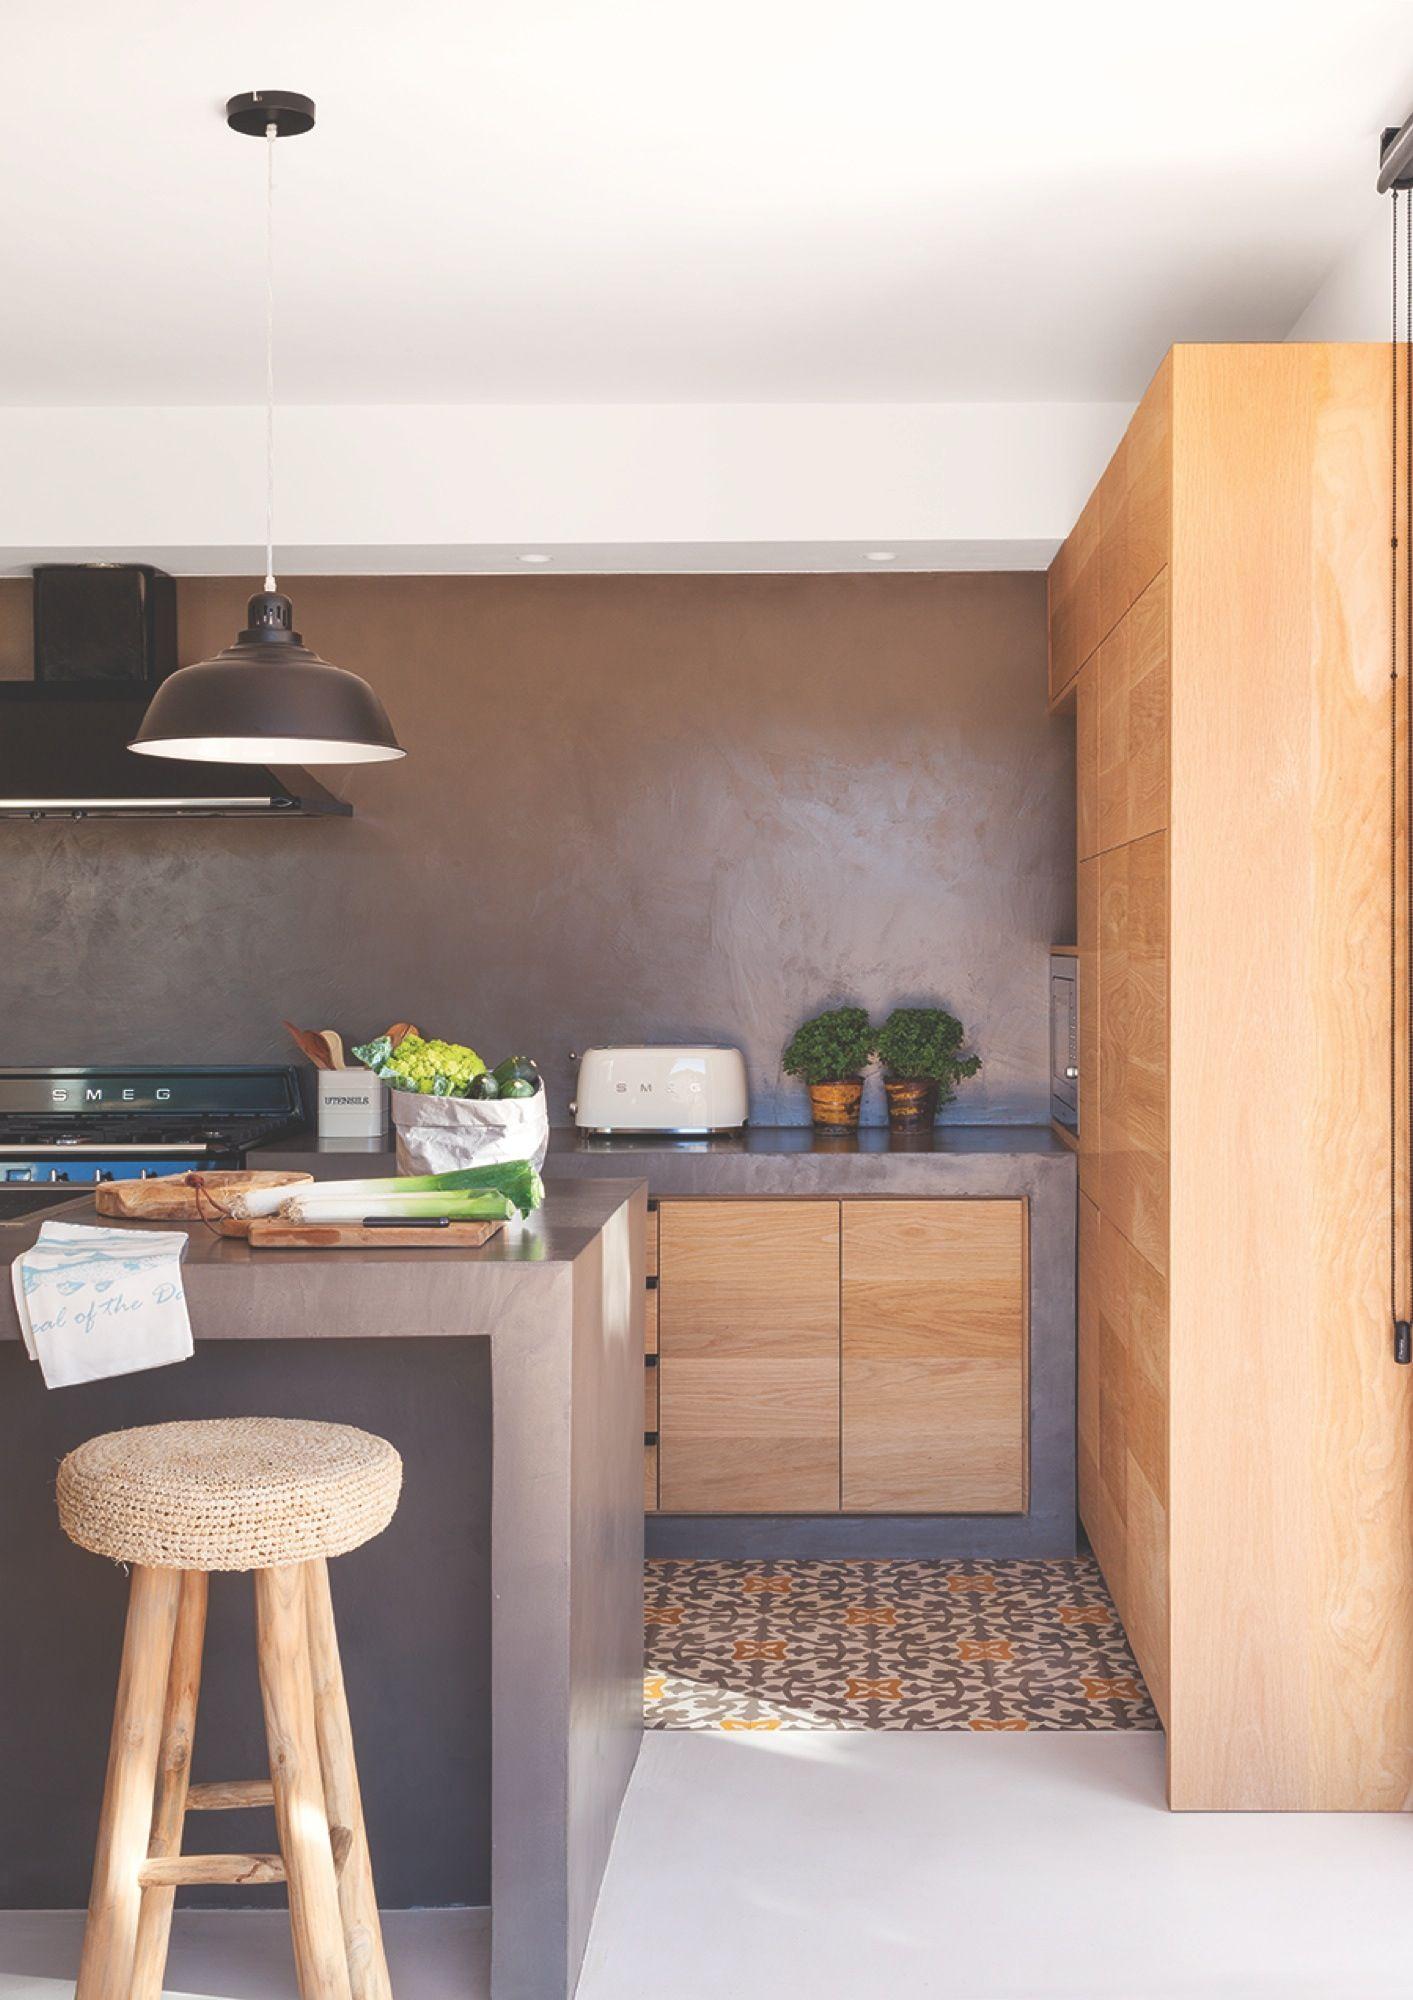 Cocina con muebles de madera microcemento gris y suelo - Suelos de cocina modernos ...